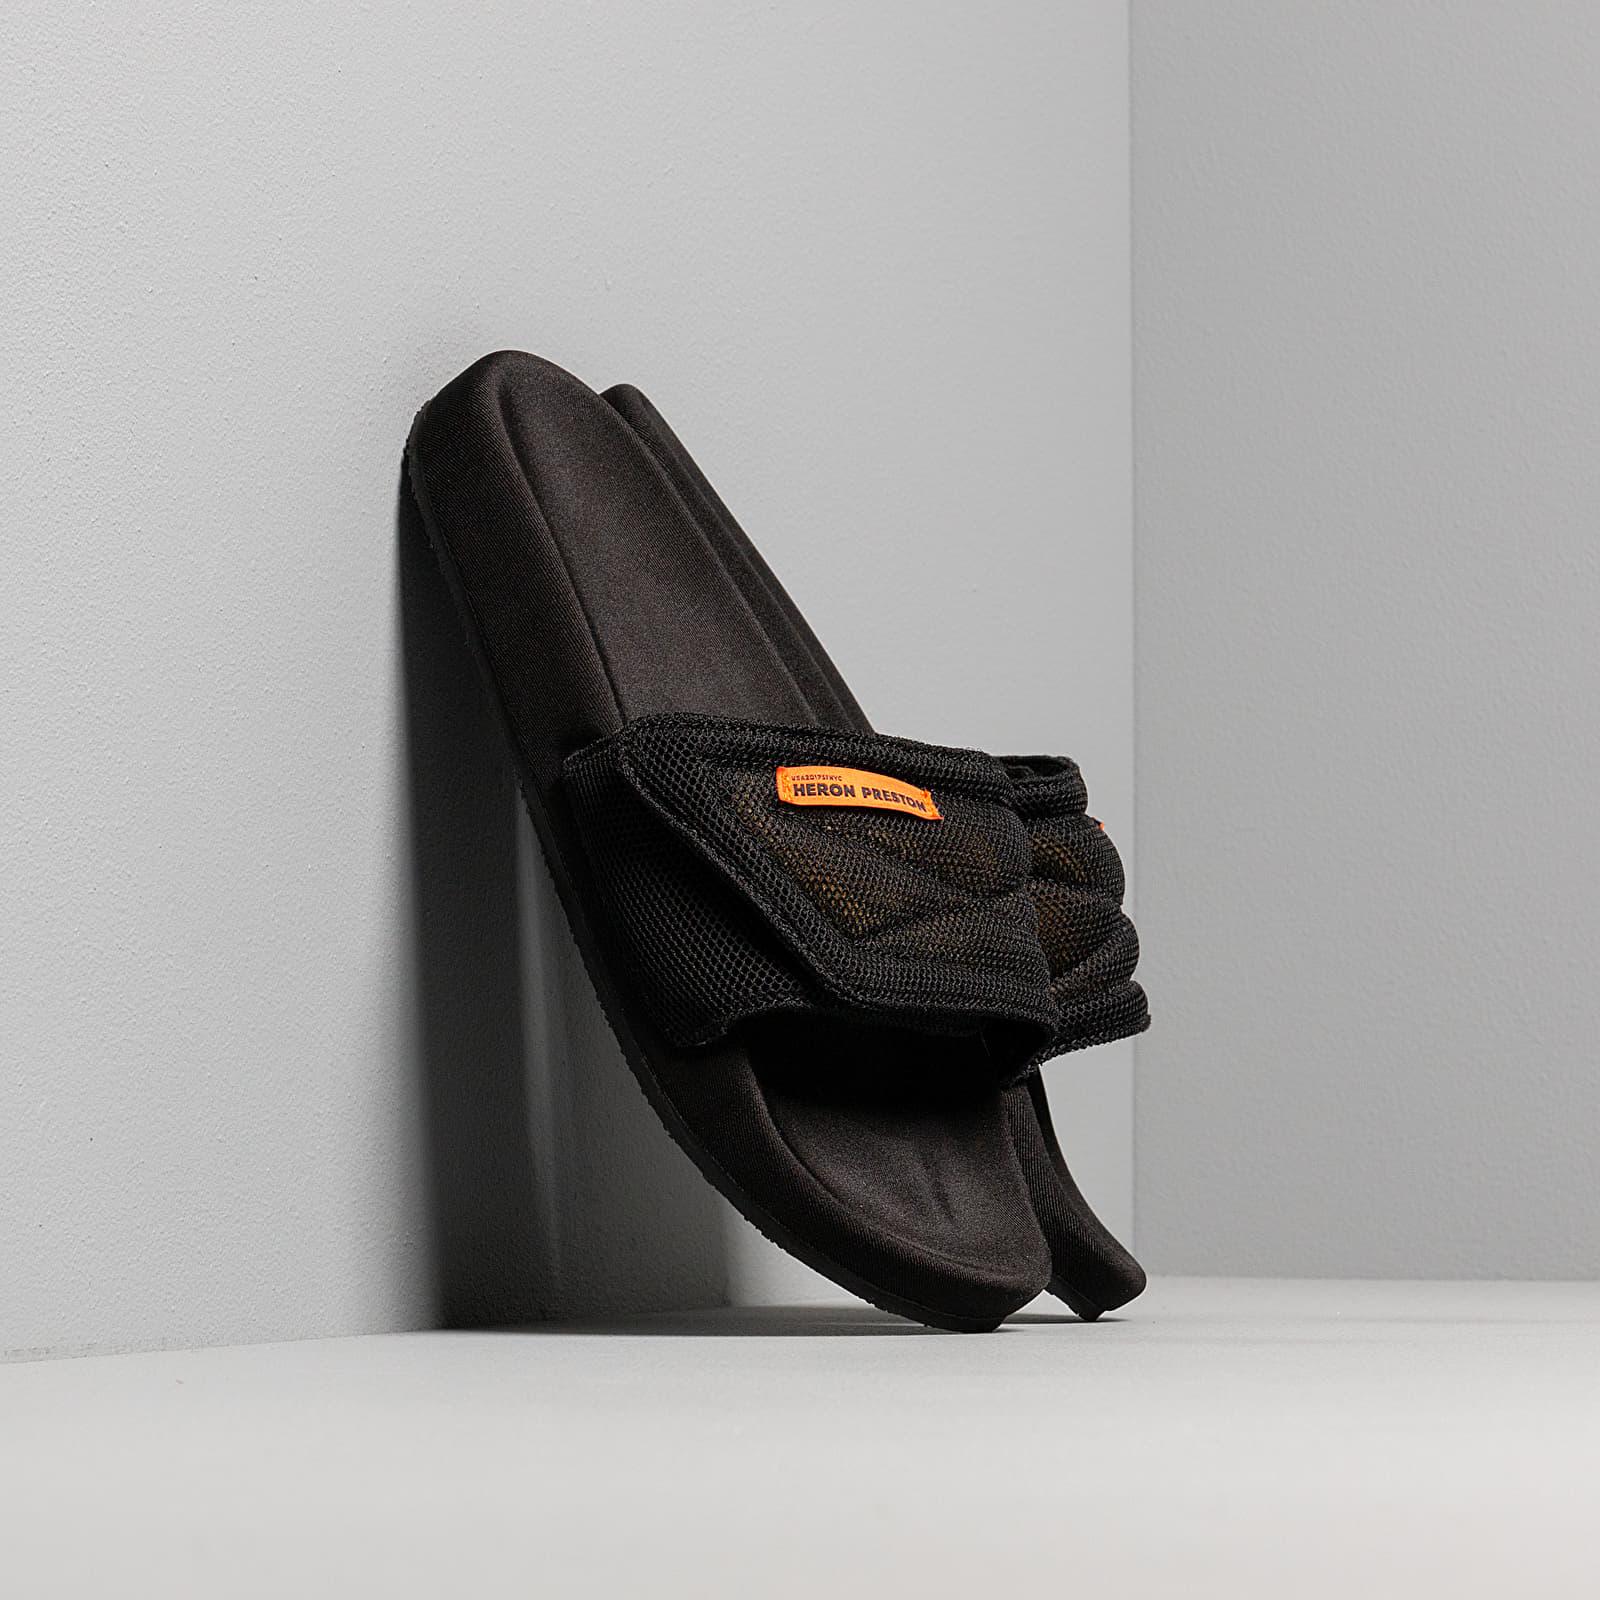 Încălțăminte și sneakerși pentru bărbați Heron Preston Slider Black